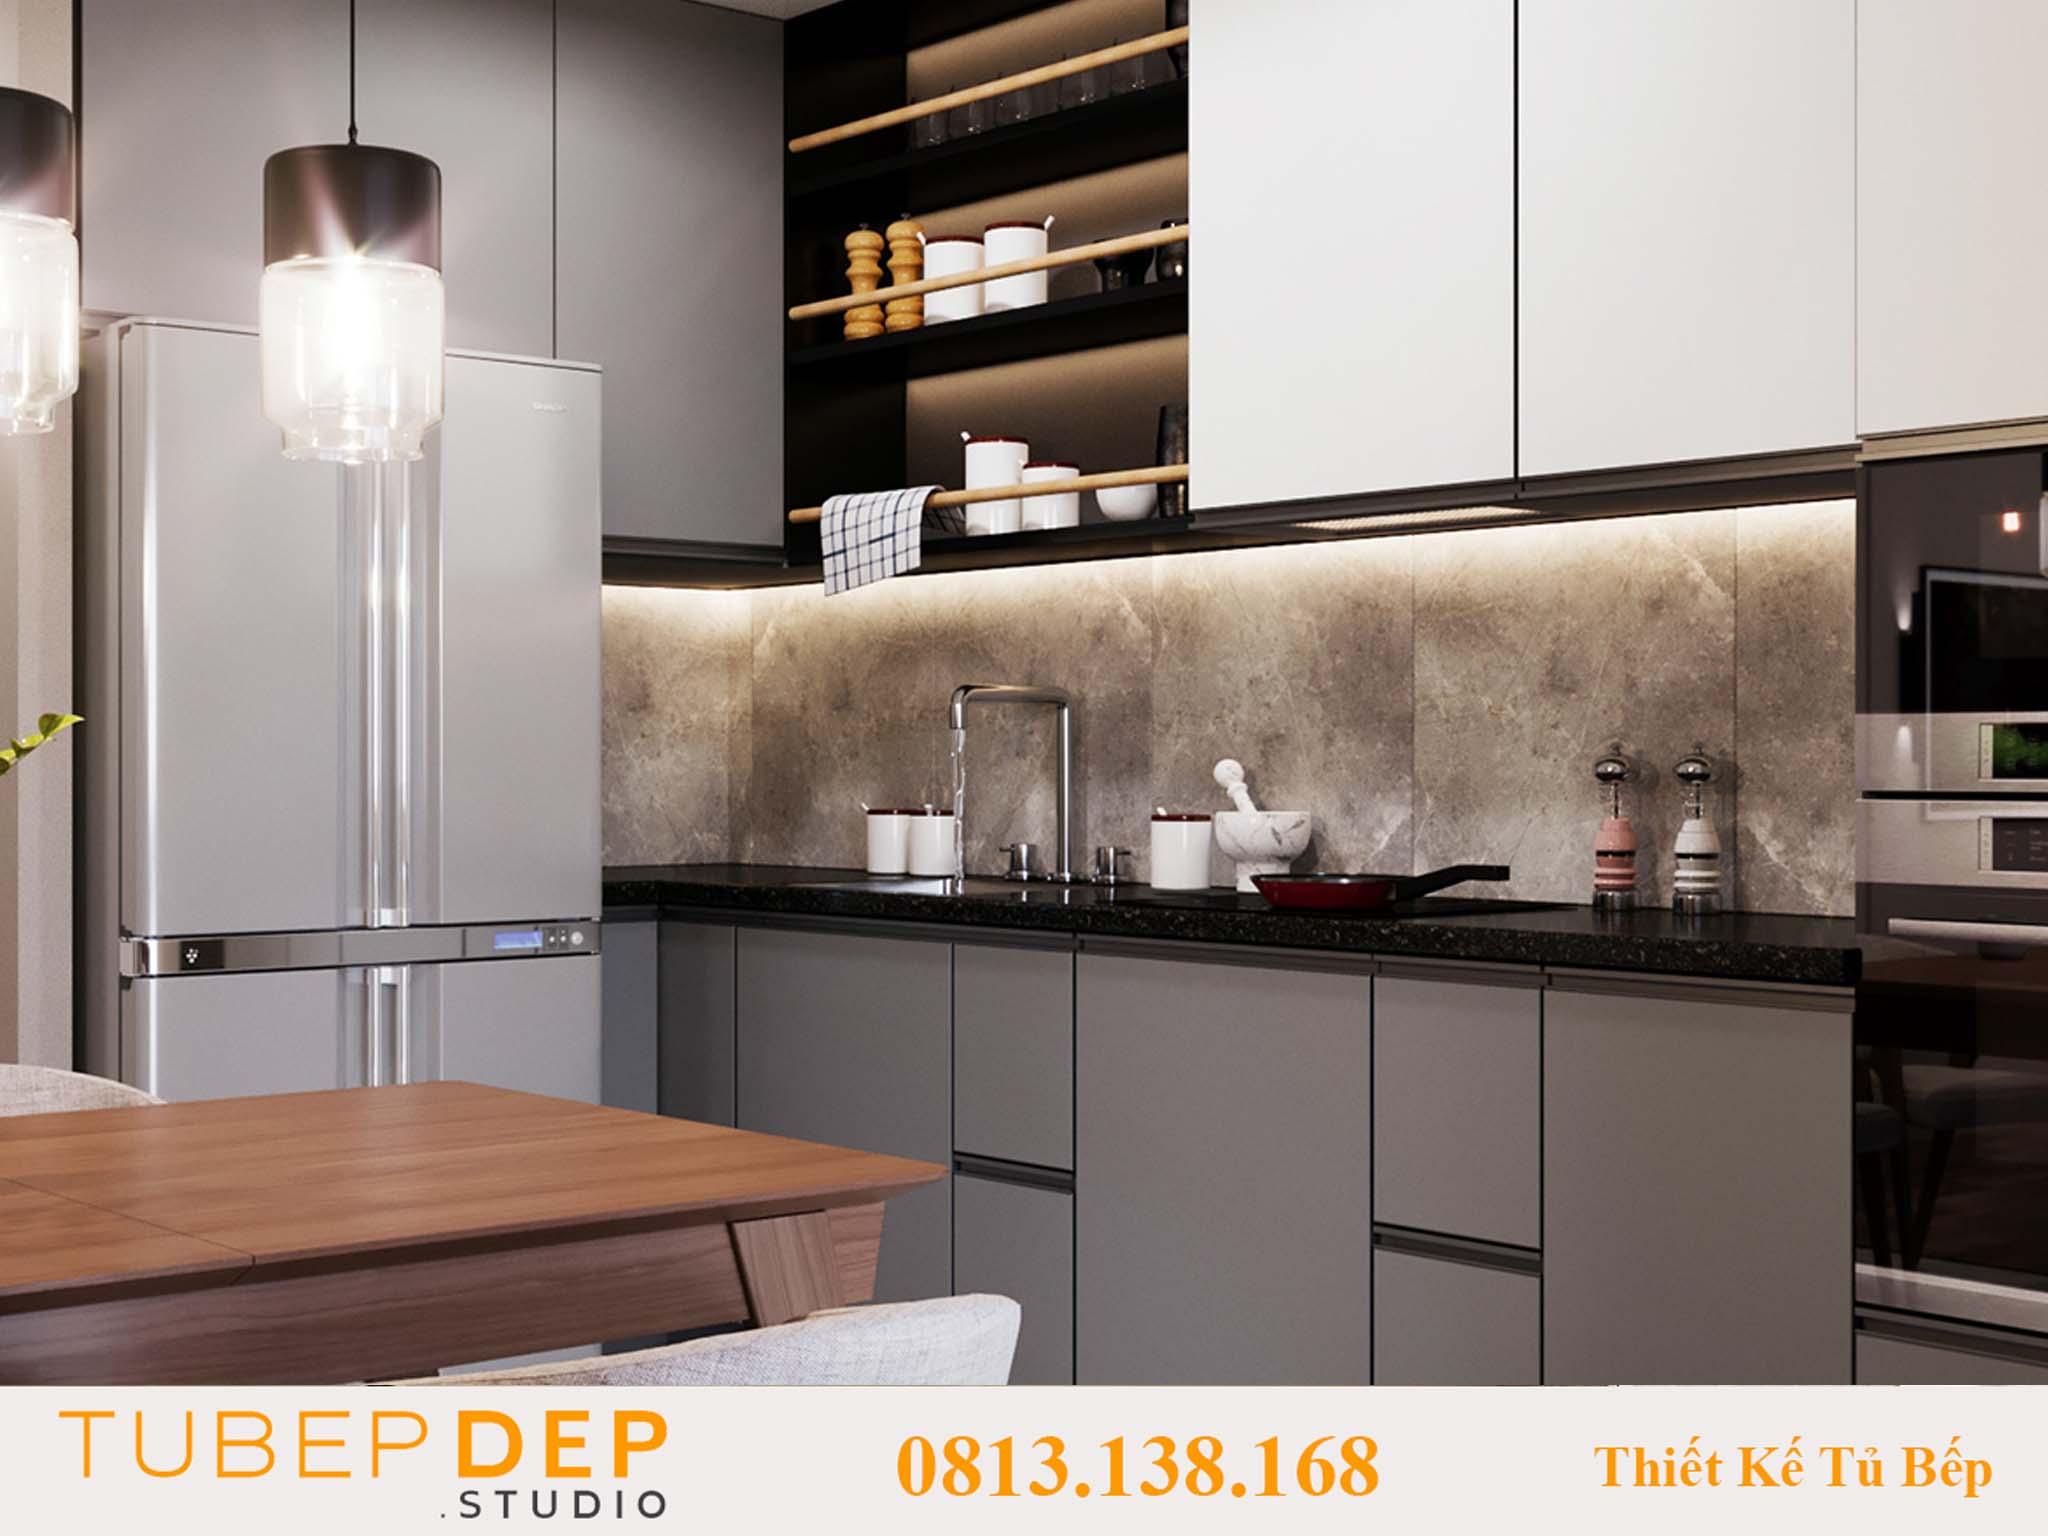 Xưởng mộc thiết kế tủ bếp đẹp và rẻ tại Phú Nhuận